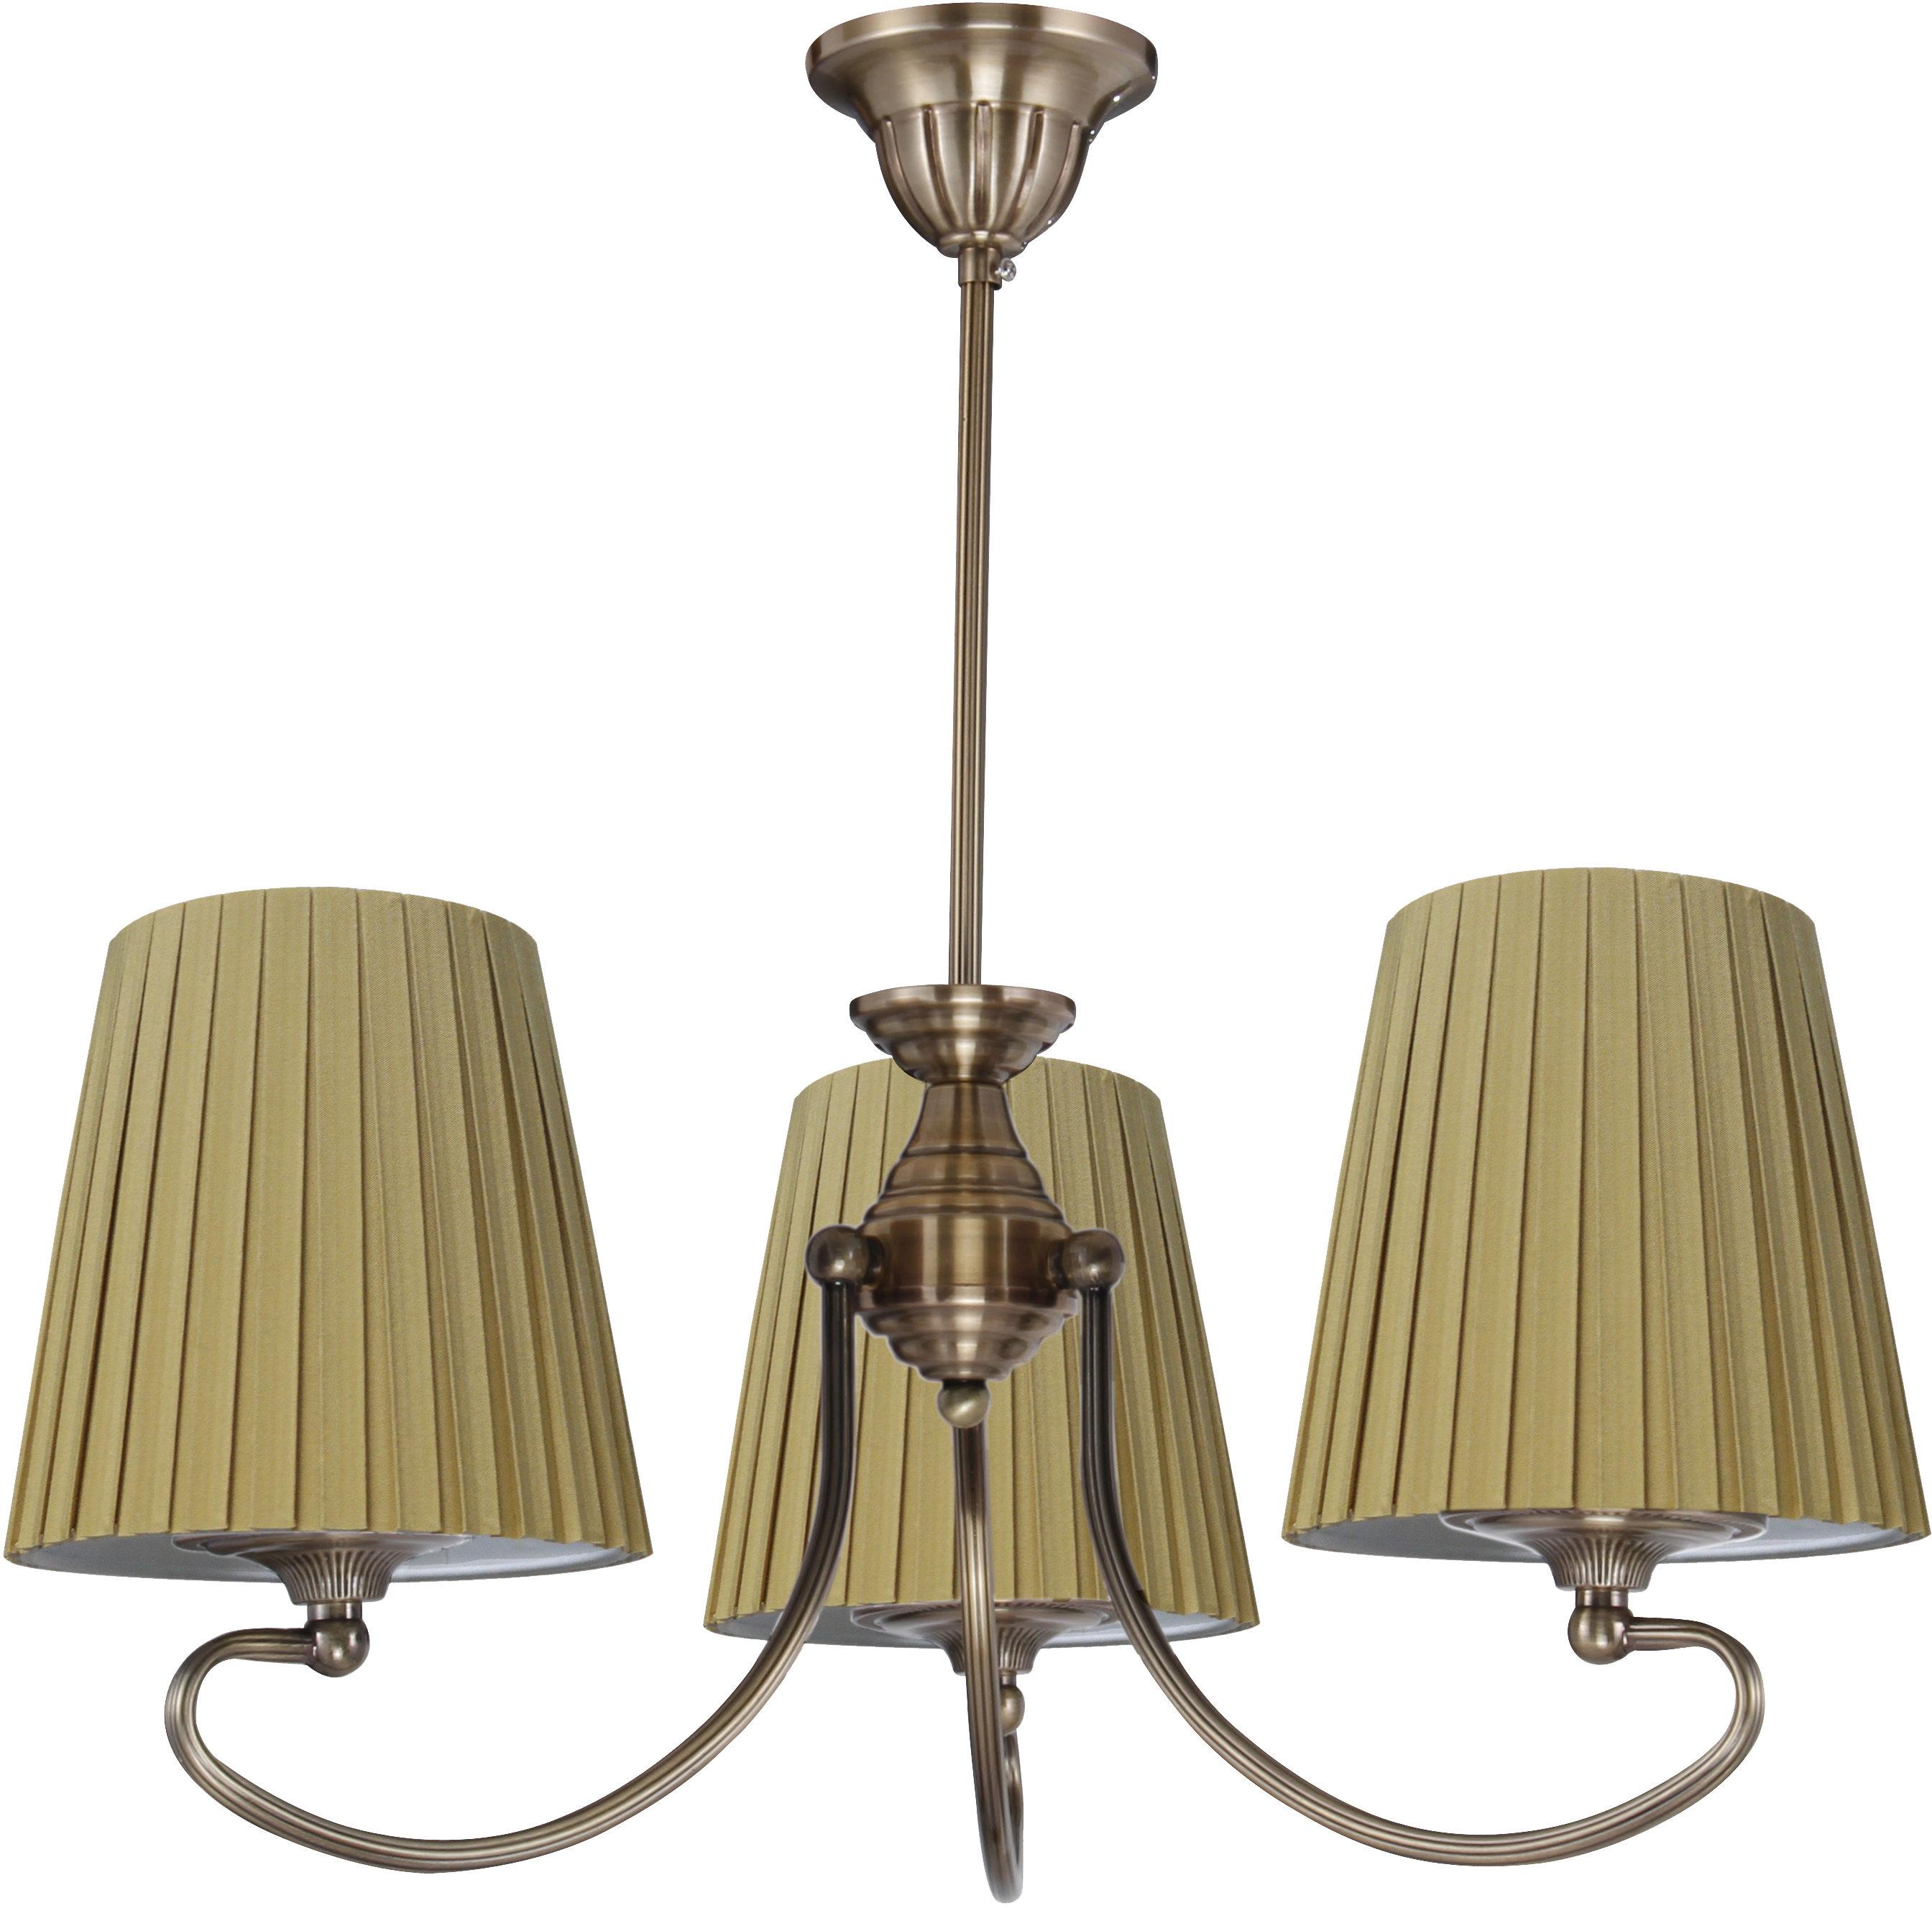 Candellux MOZART 33-33970 lampa wisząca abażur miodowy 3X60W E27 patynowa miedź 54cm